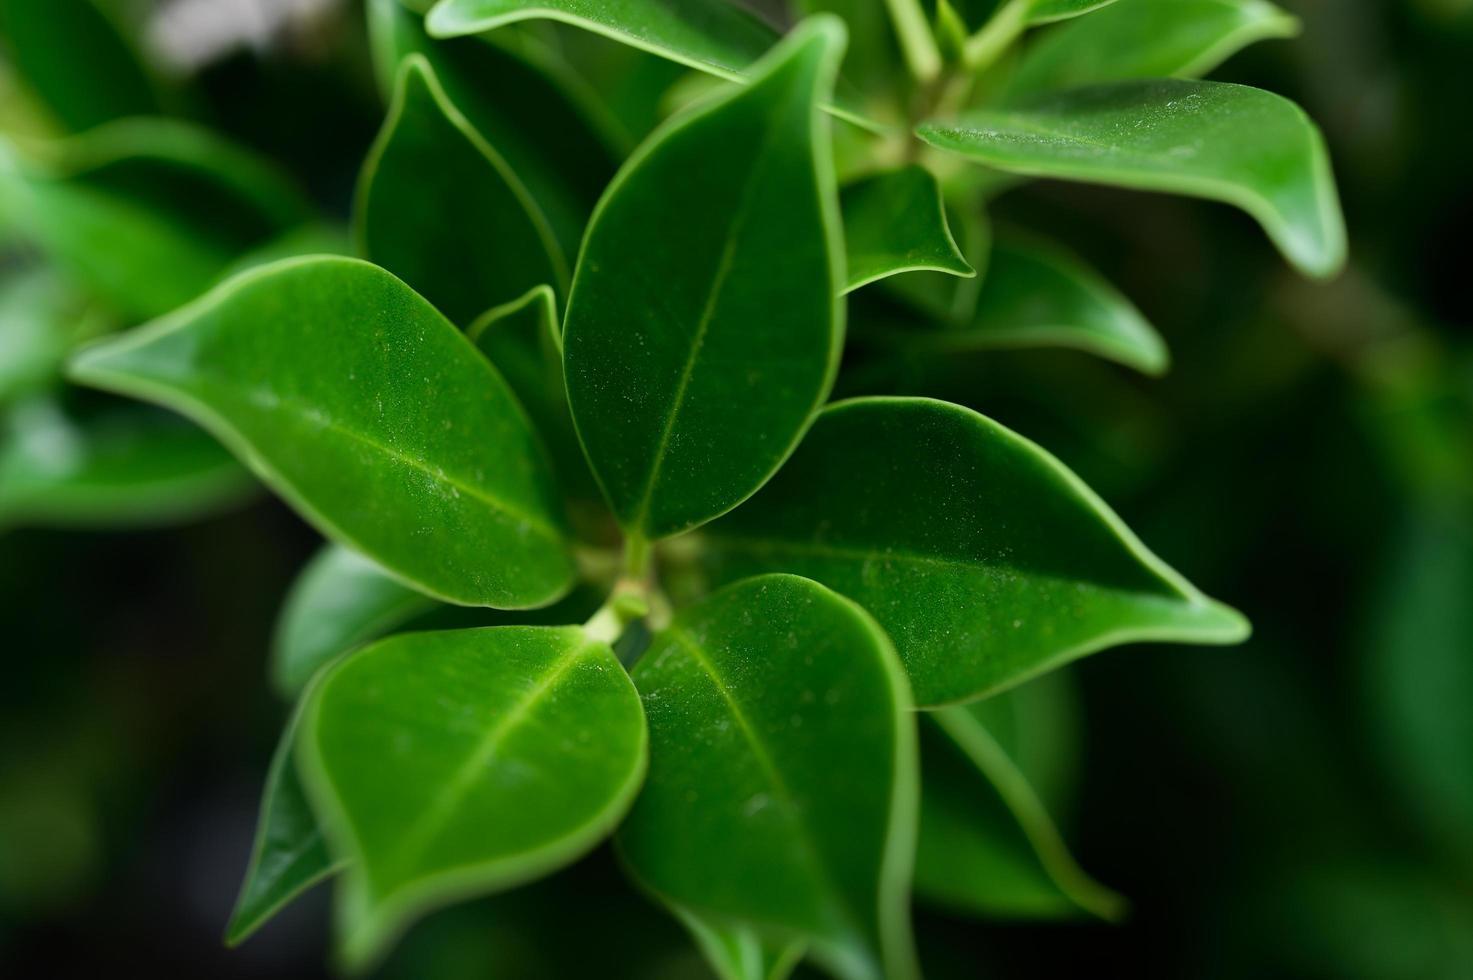 foglie verde scuro per lo sfondo foto